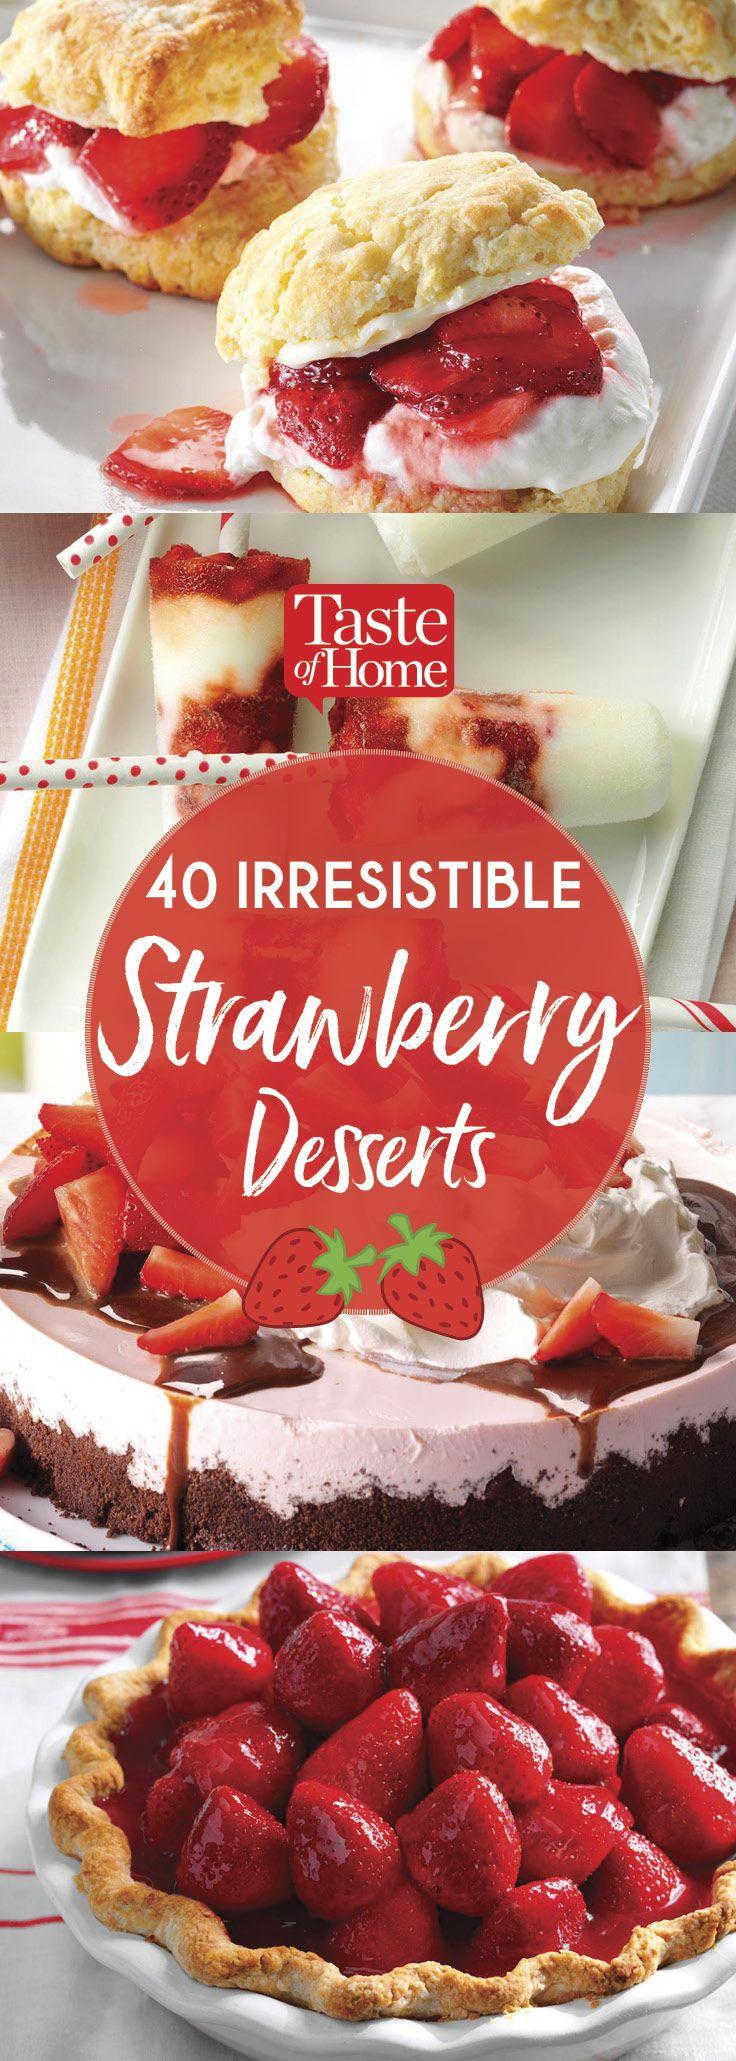 40 Irresistible Strawberry Desserts